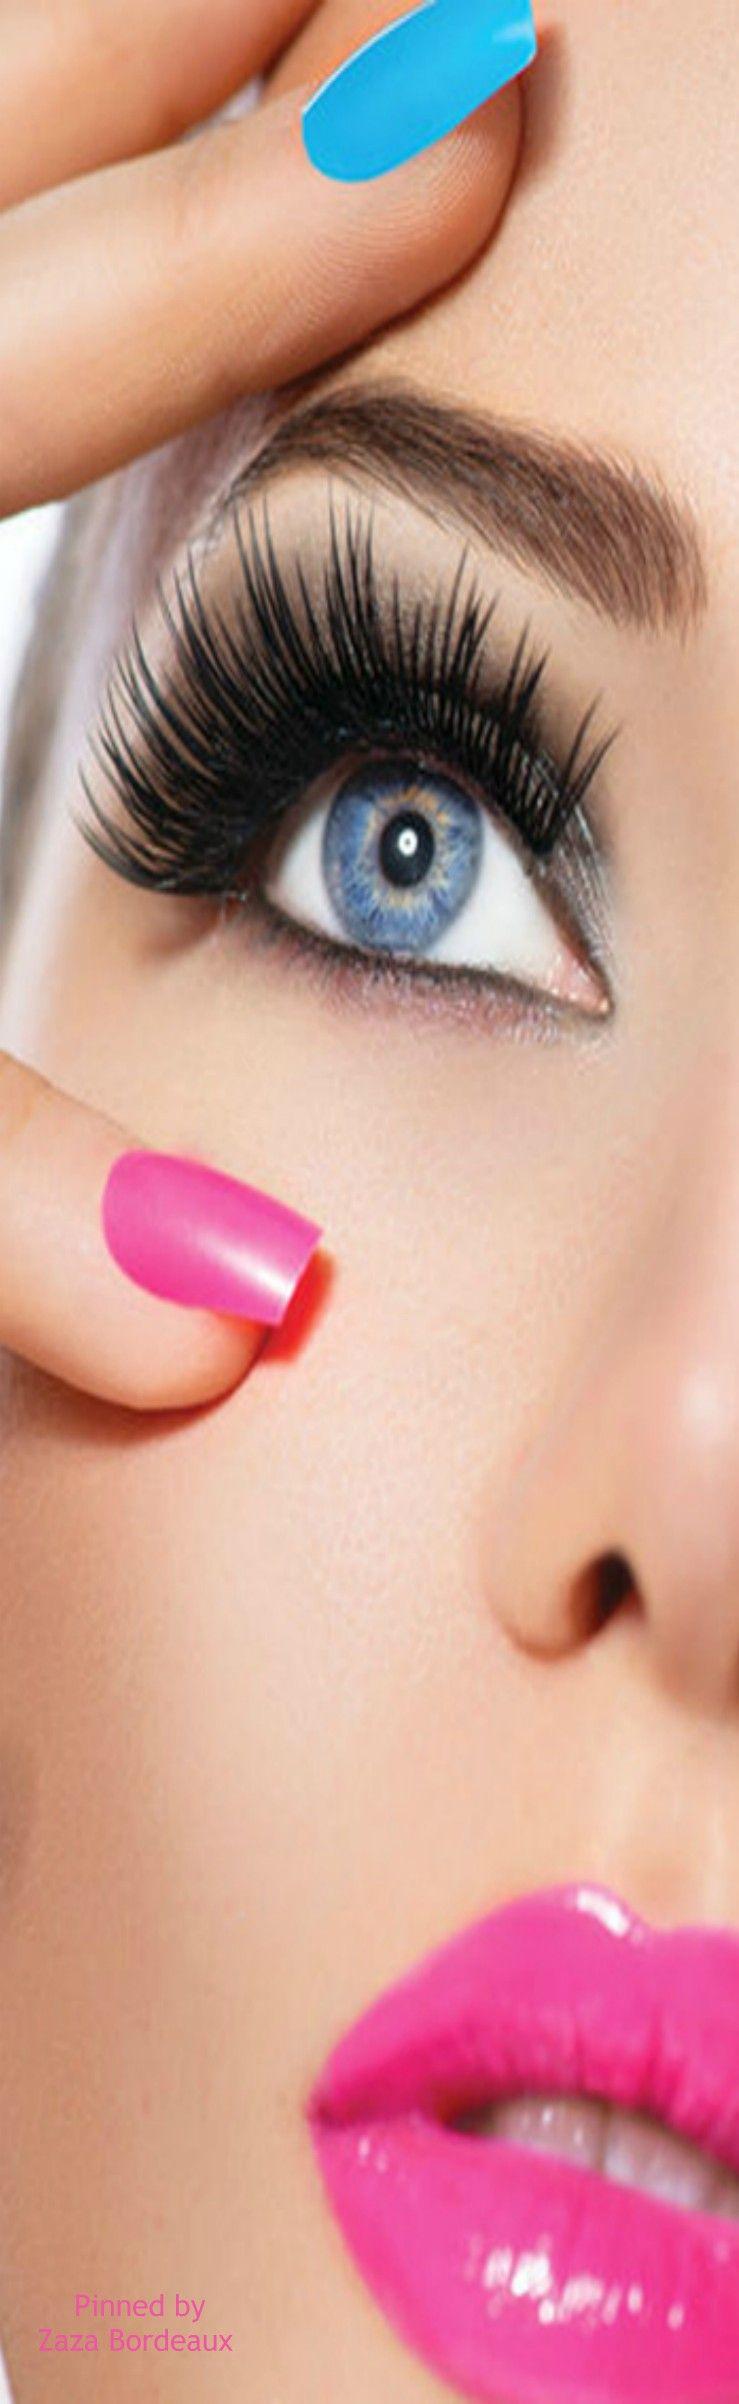 Beauty Permanent makeup eyeliner, Makeup, Glamour makeup